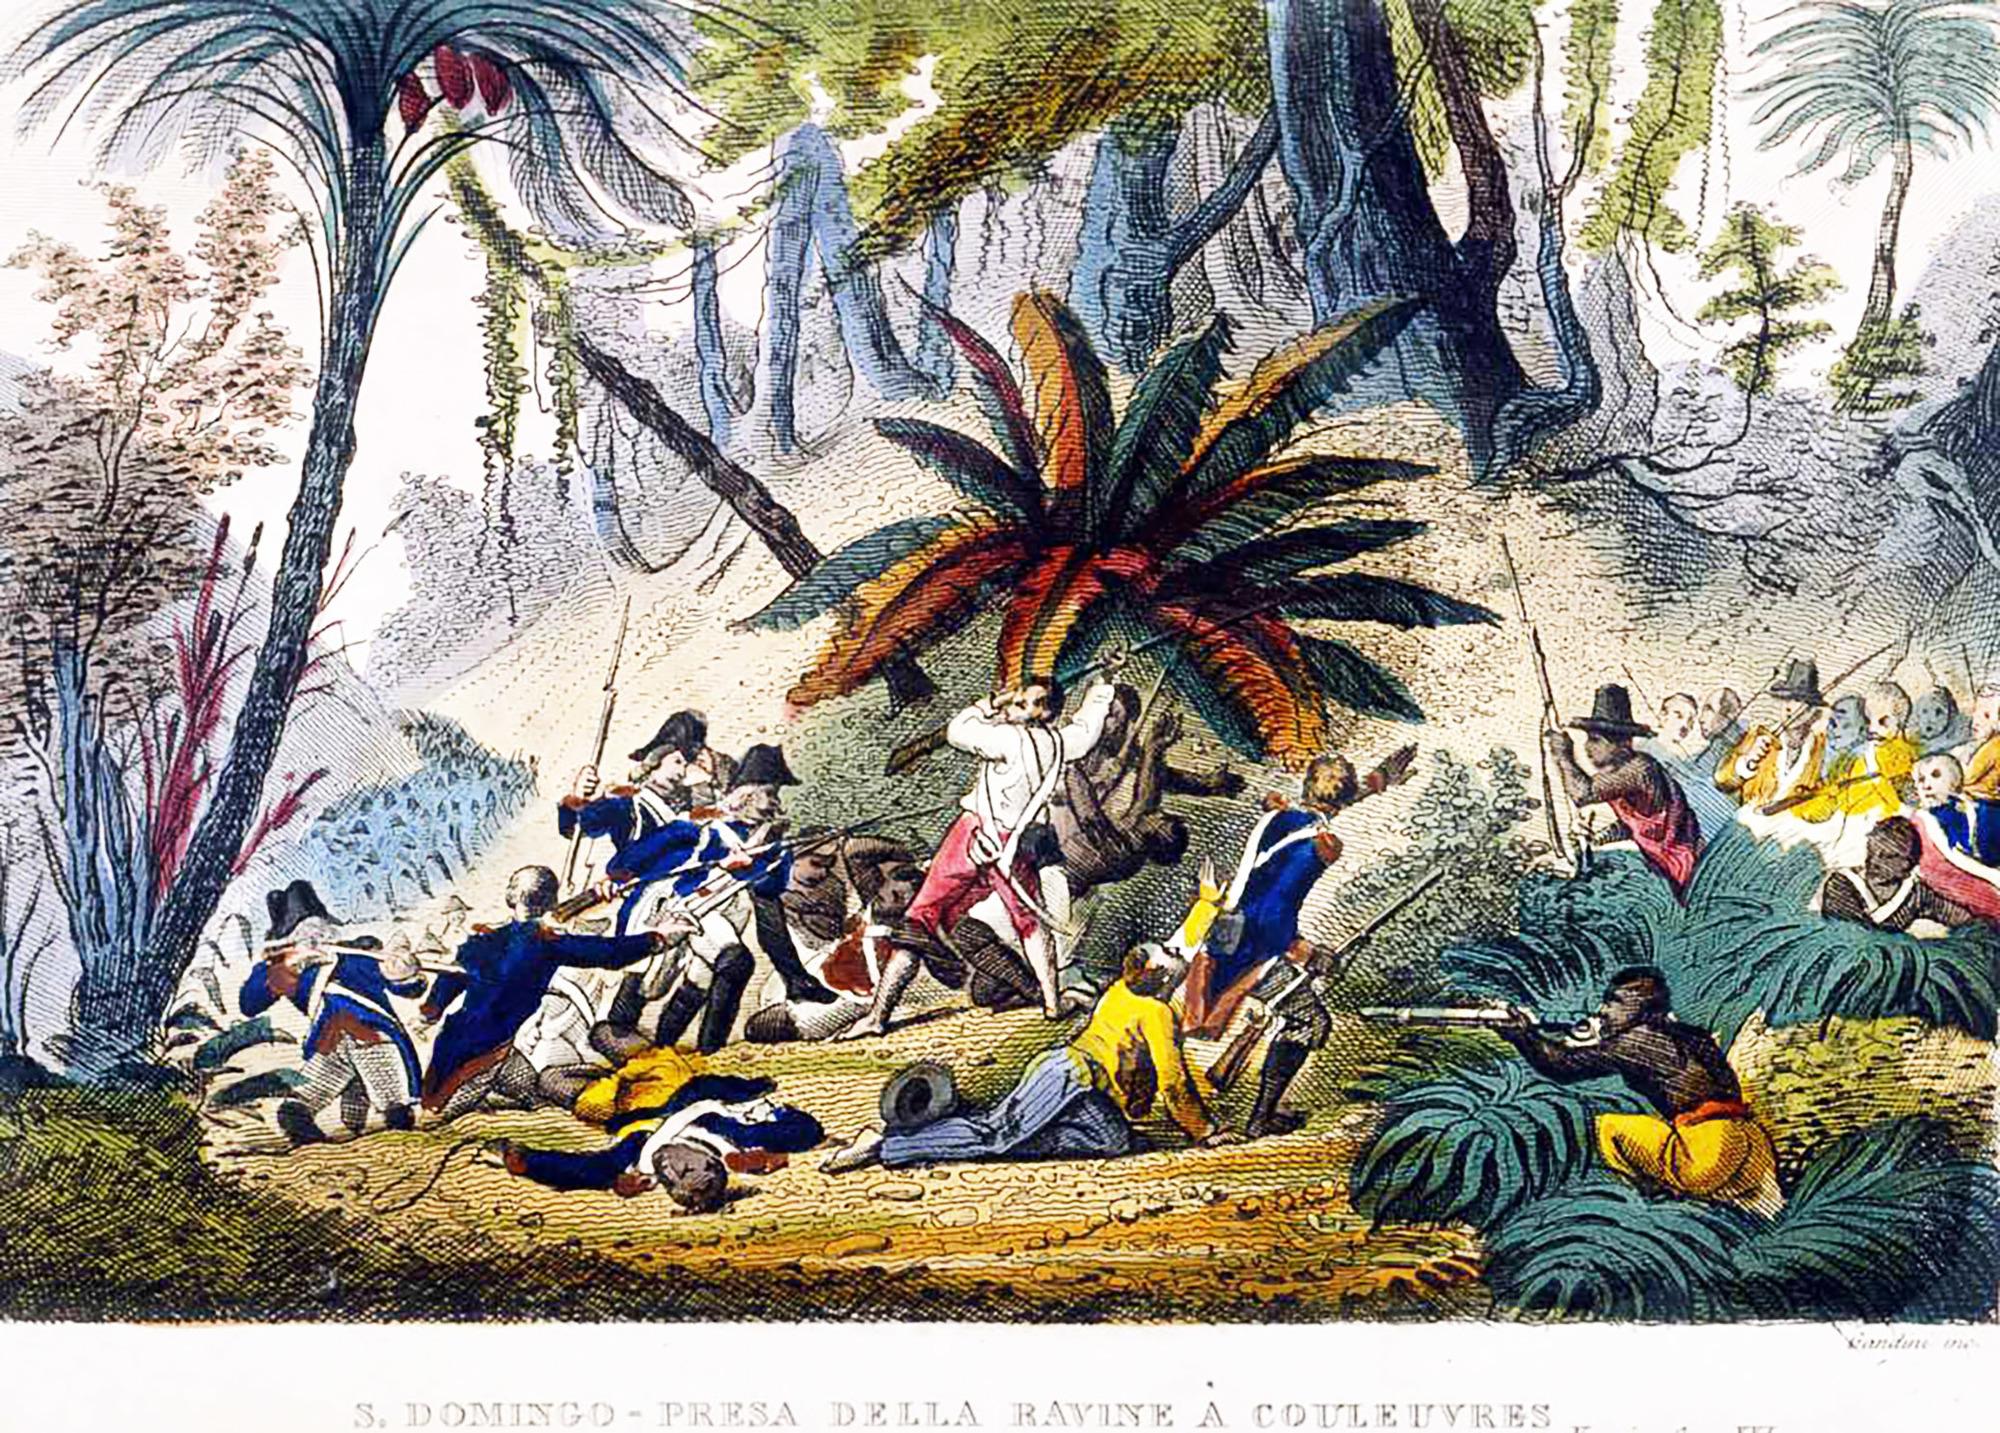 L'expédition Leclerc encercle les troupes de Toussaint Louverture lors de la prise de la Ravine-à-Couleuvres, le 23février1802.